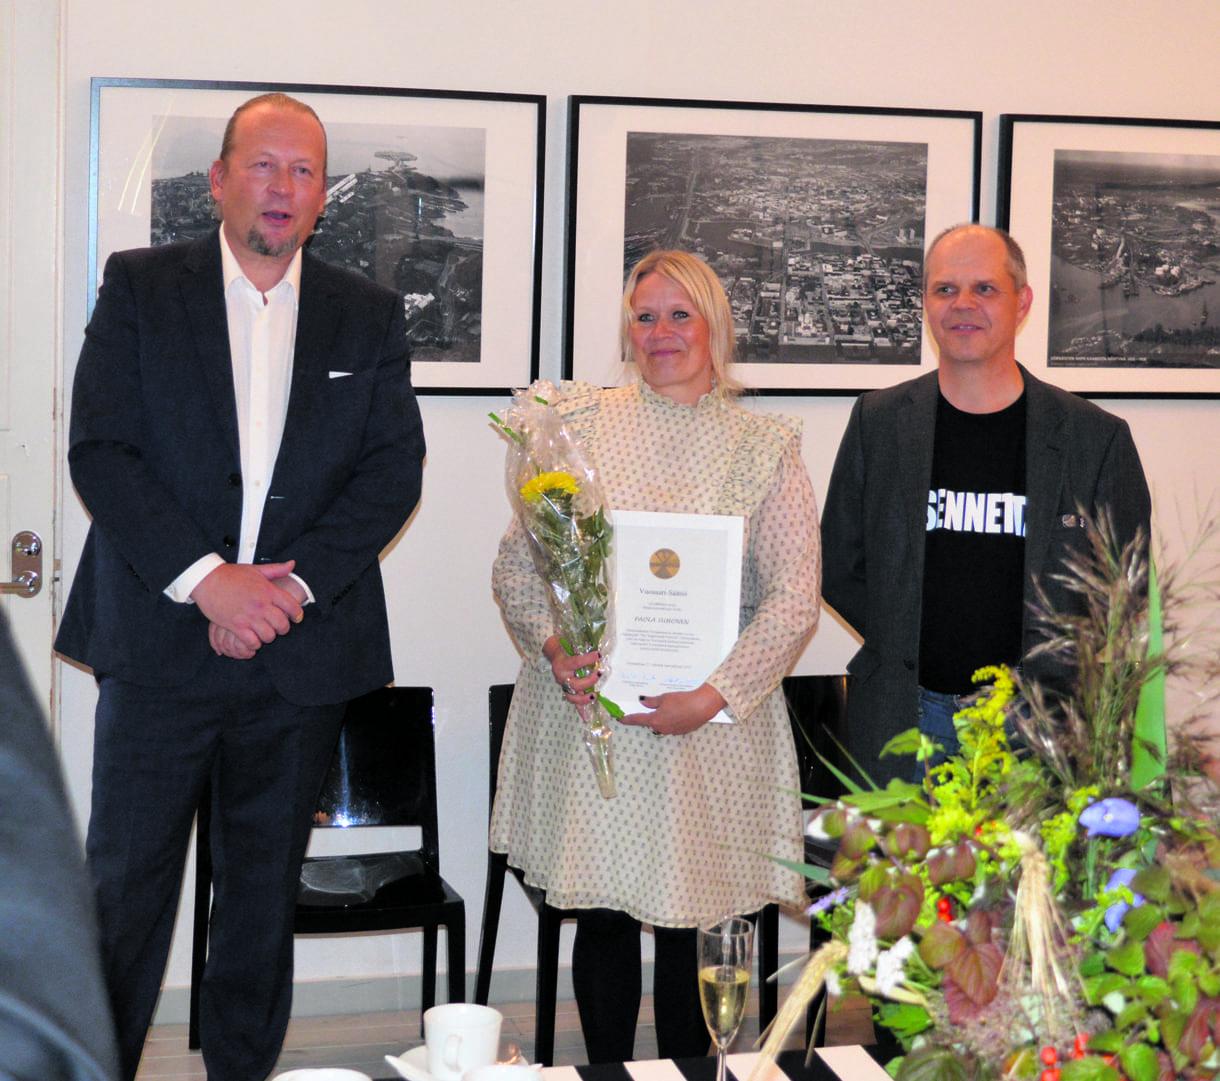 Vasemmalta Vuosaari-Säätiön asiamies Matti Luopajärvi, Vuosaari-Säätiön hallintoneuvoston puheenjohtaja Pertti Tossavainen sekä Paola Suhonen.